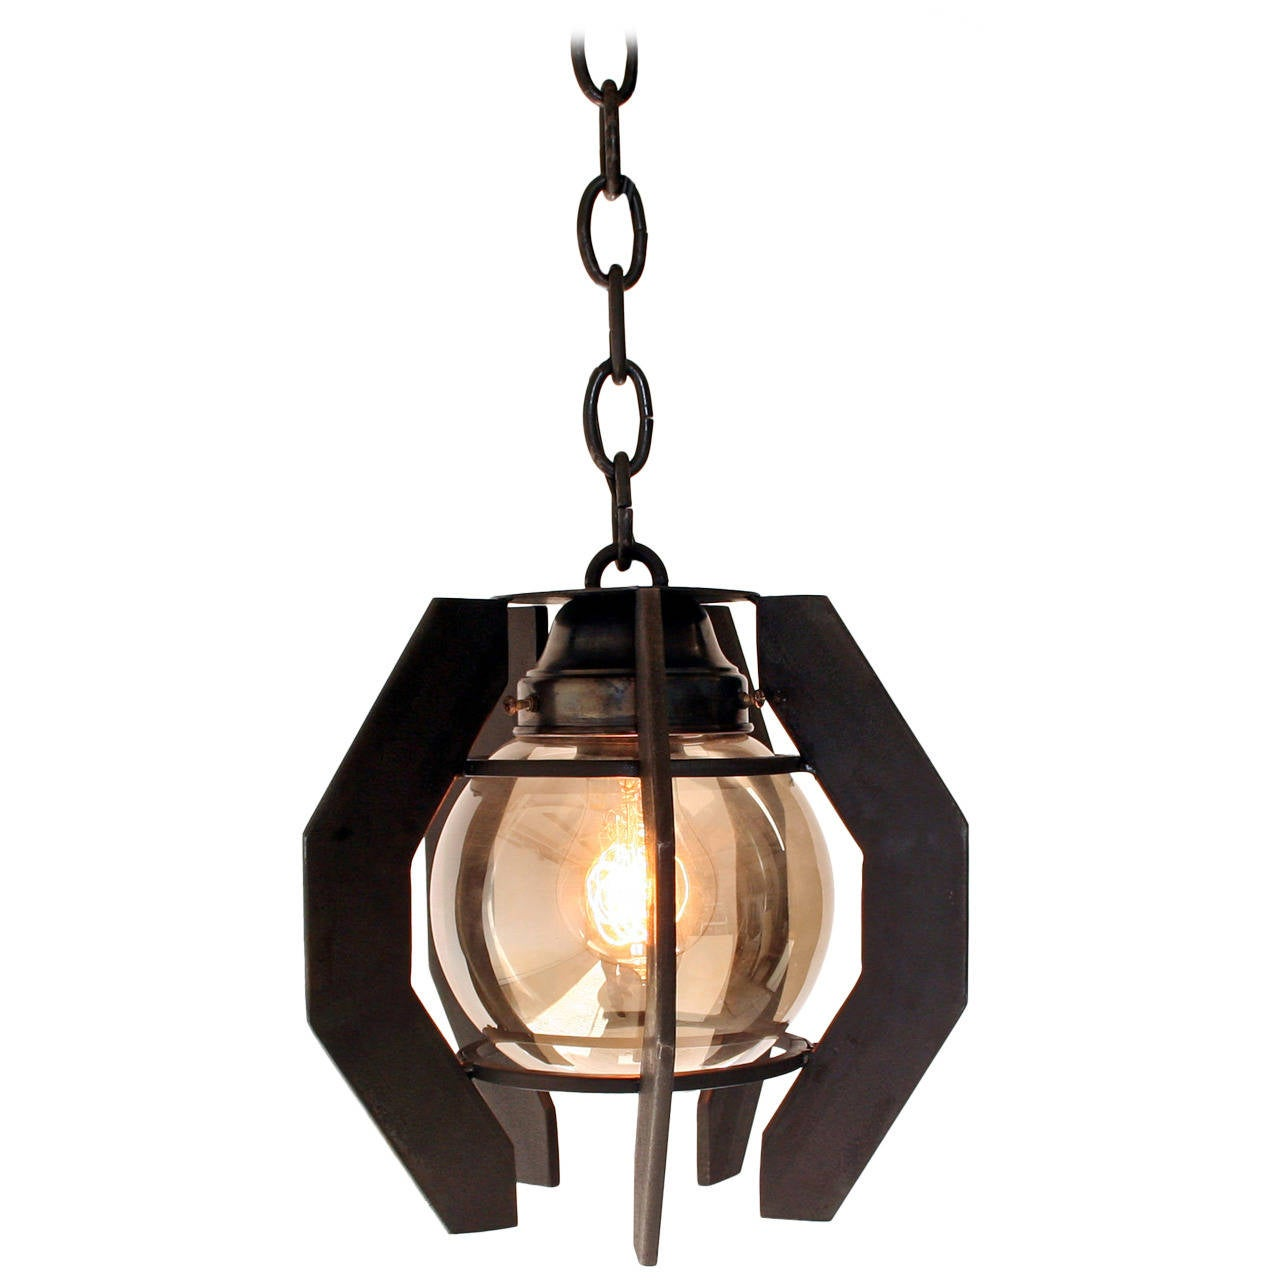 James De Wulf Ball Pendant Lighting For Sale At 1stdibs